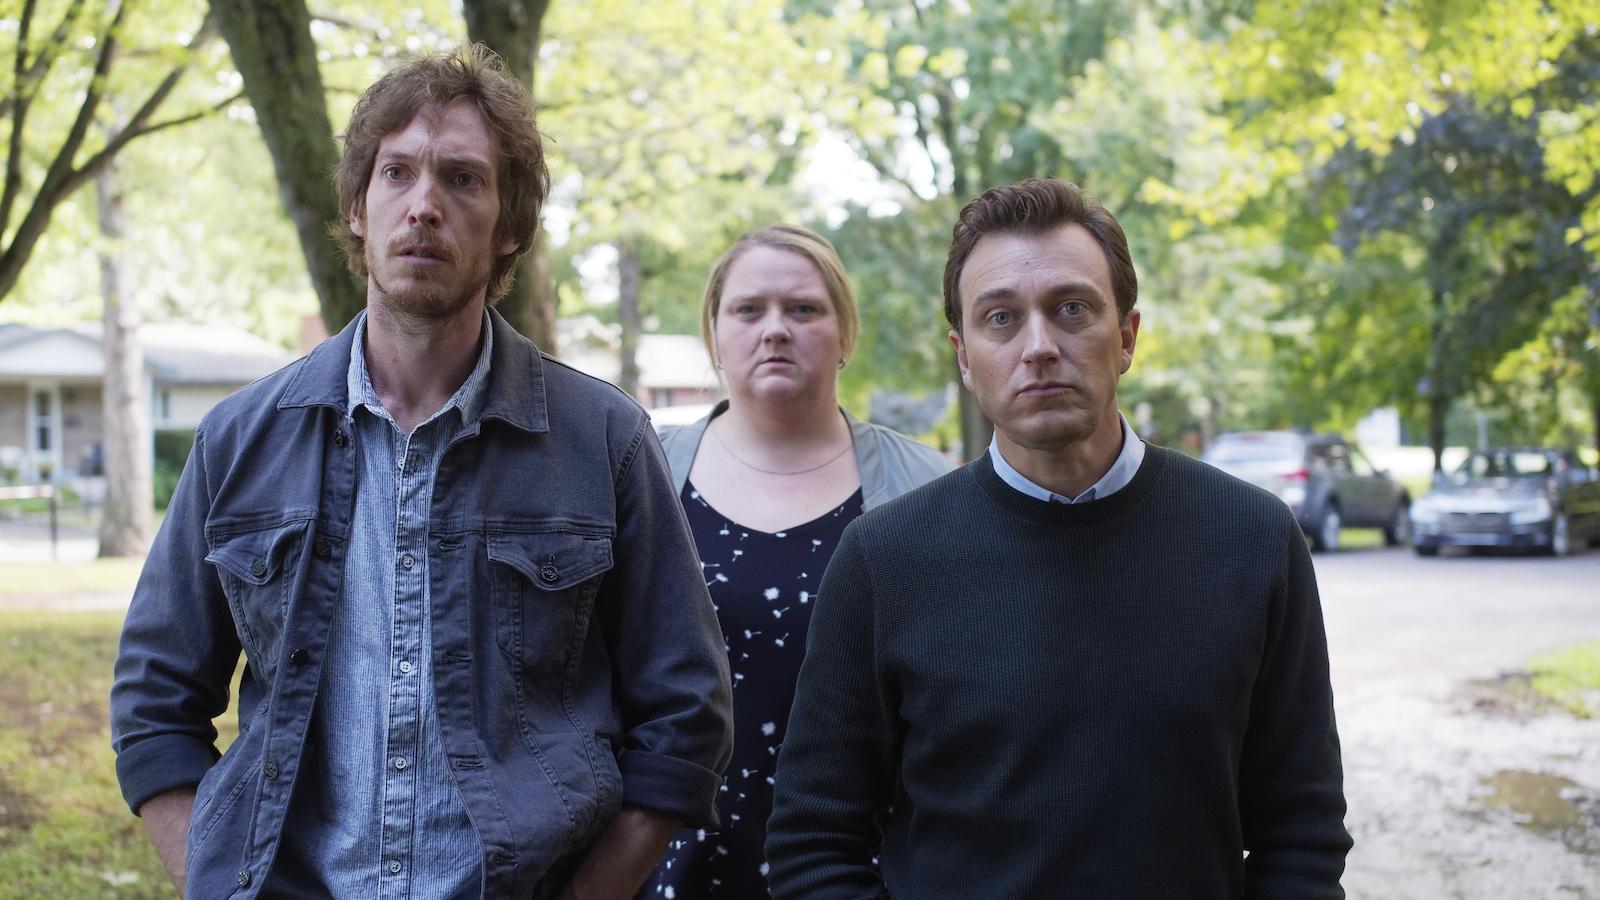 Les deux hommes et la femme au centre regardent au loin.